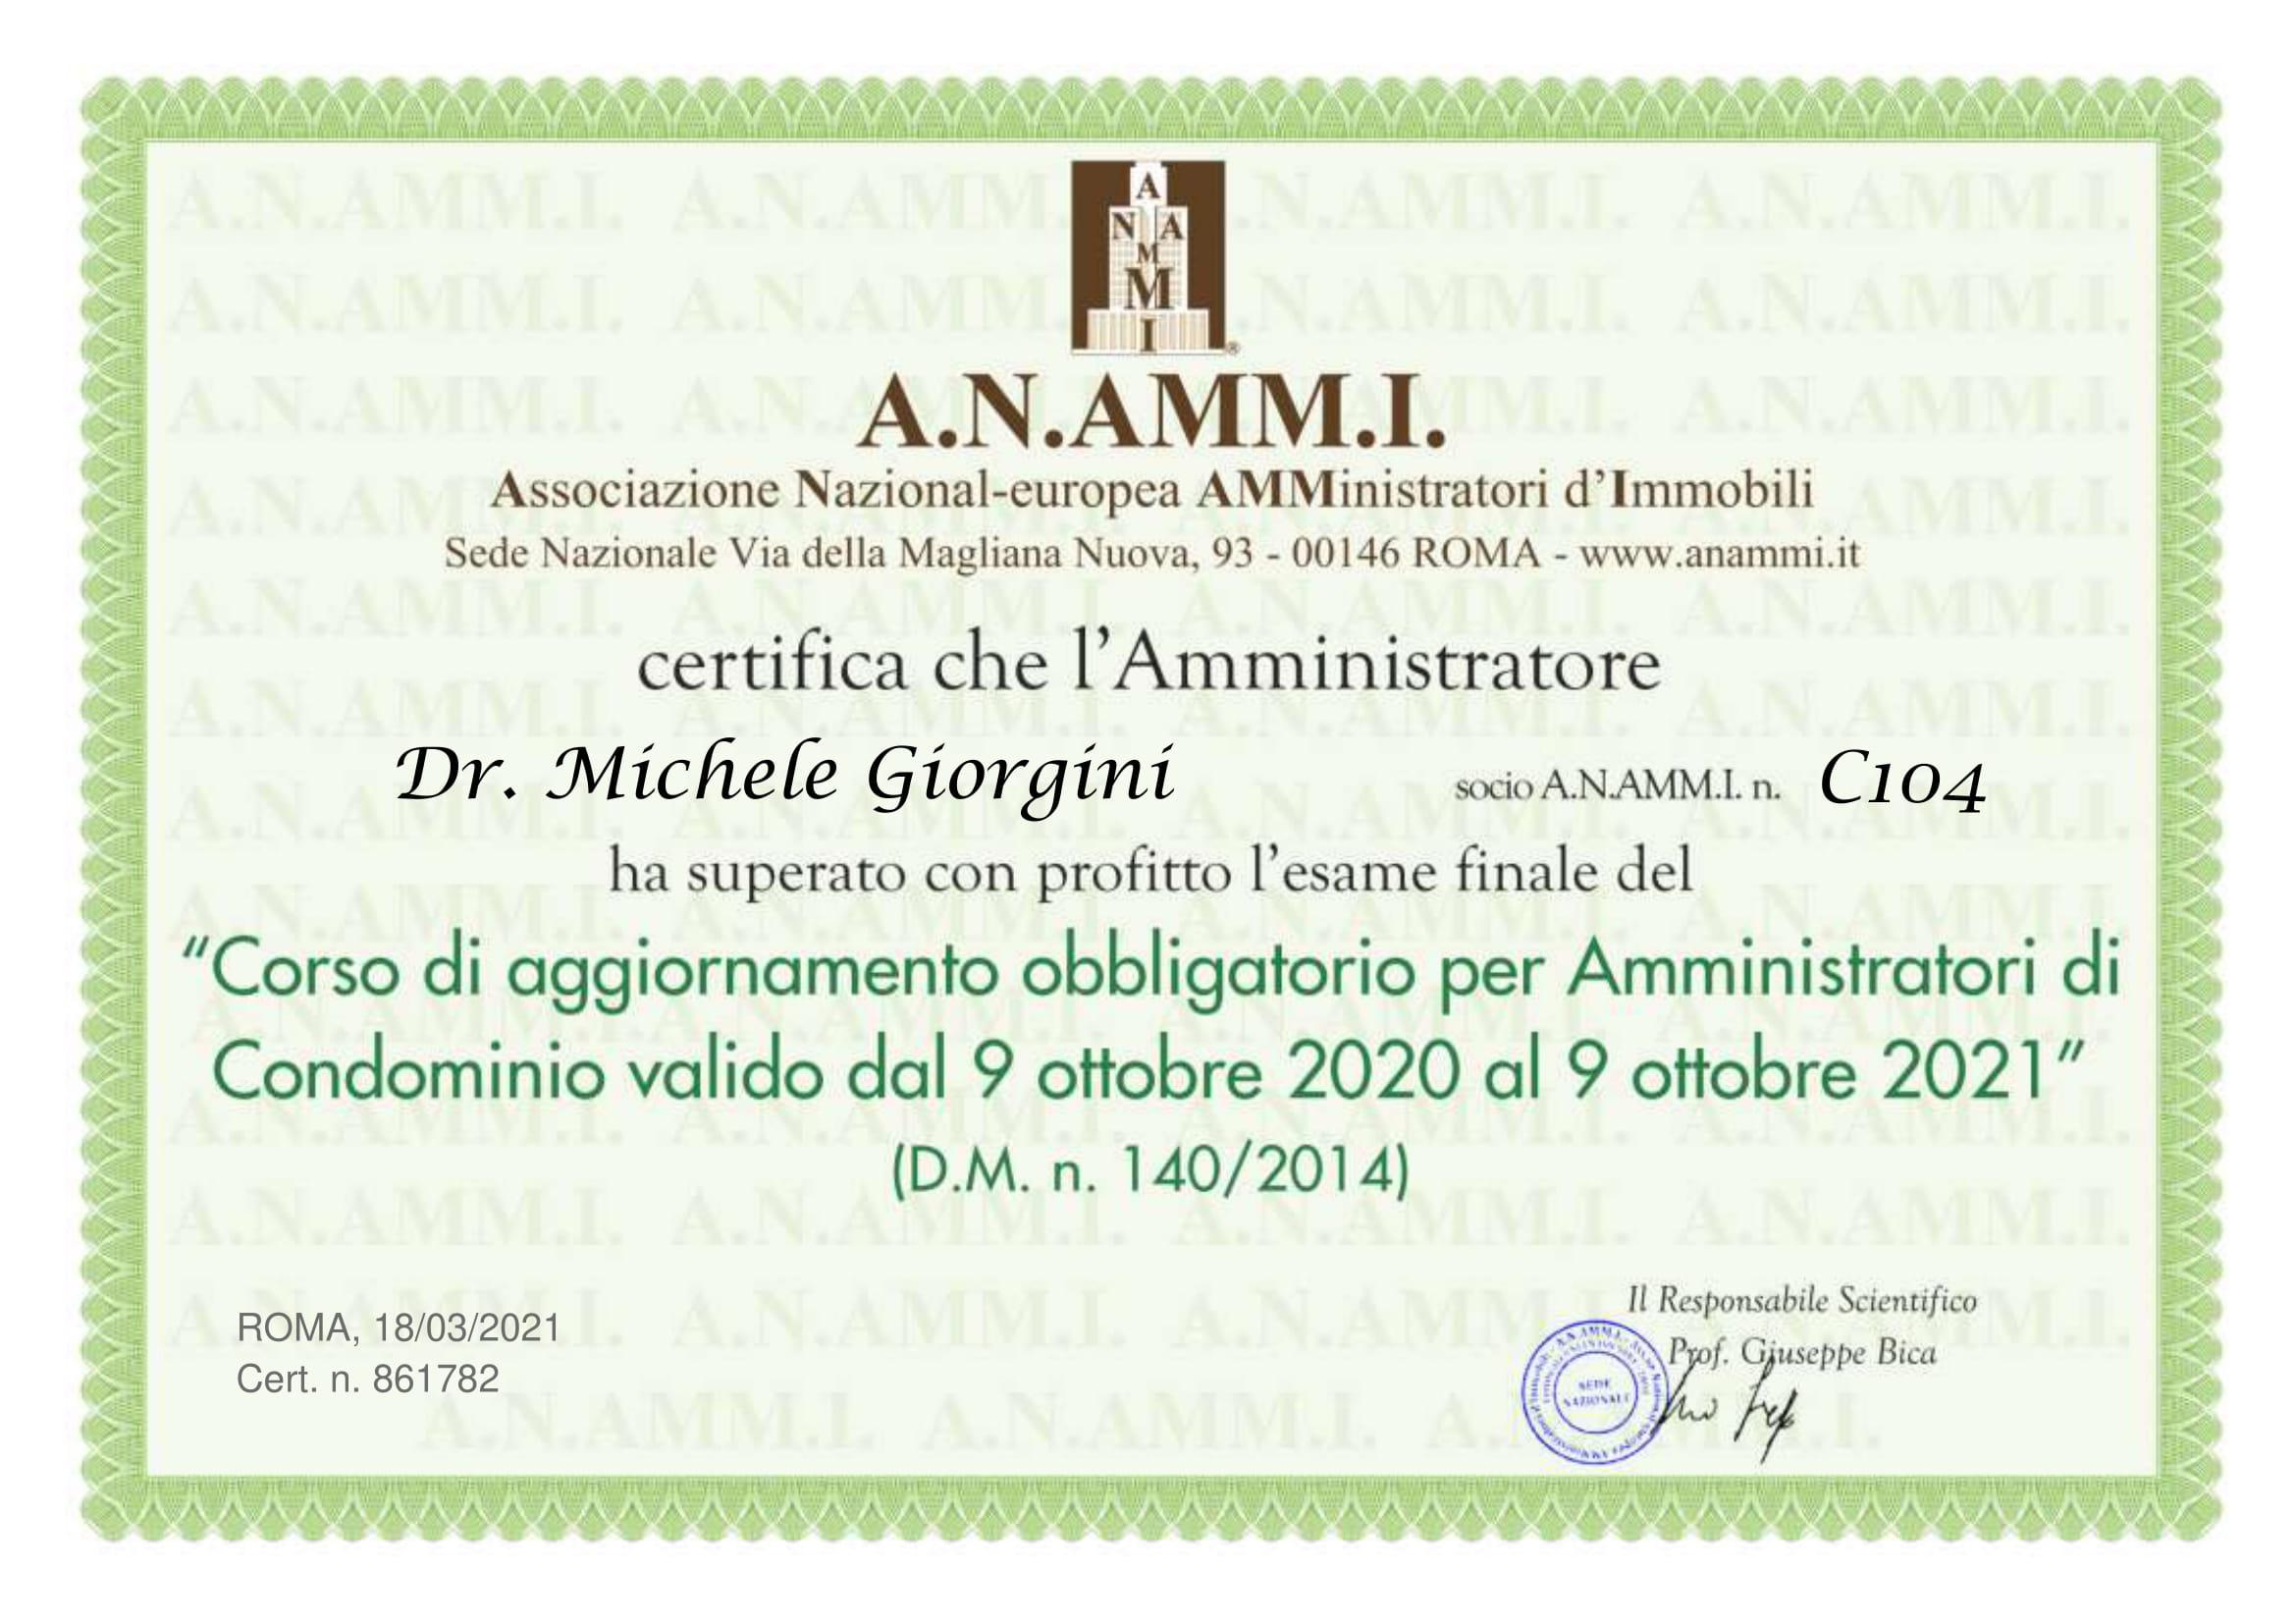 DM140-aggiornamento-amministratore-Michele-Giorgini-1